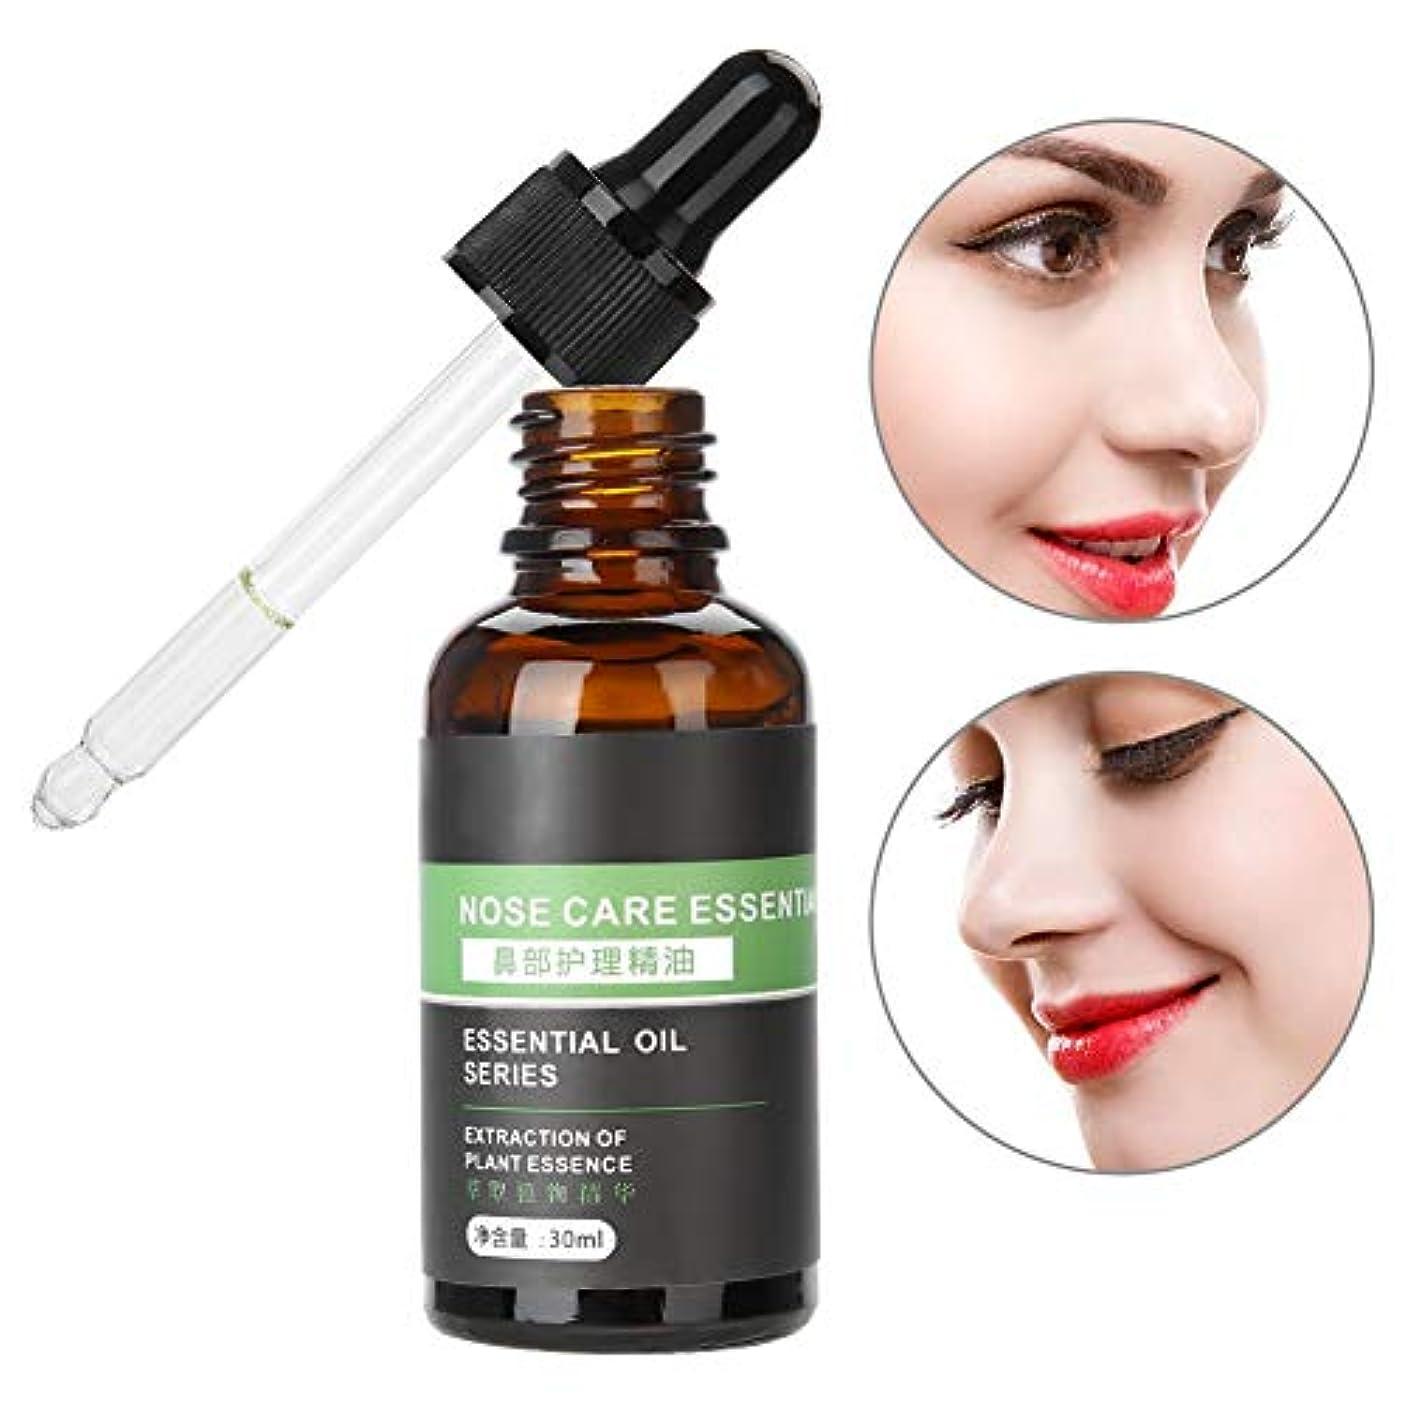 肯定的クラブ統計ノーズアップリフティングシェイピングエッセンスオイル、プロの鼻修理リフトアップ鼻形成鼻骨リモデリング血清30ミリリットル